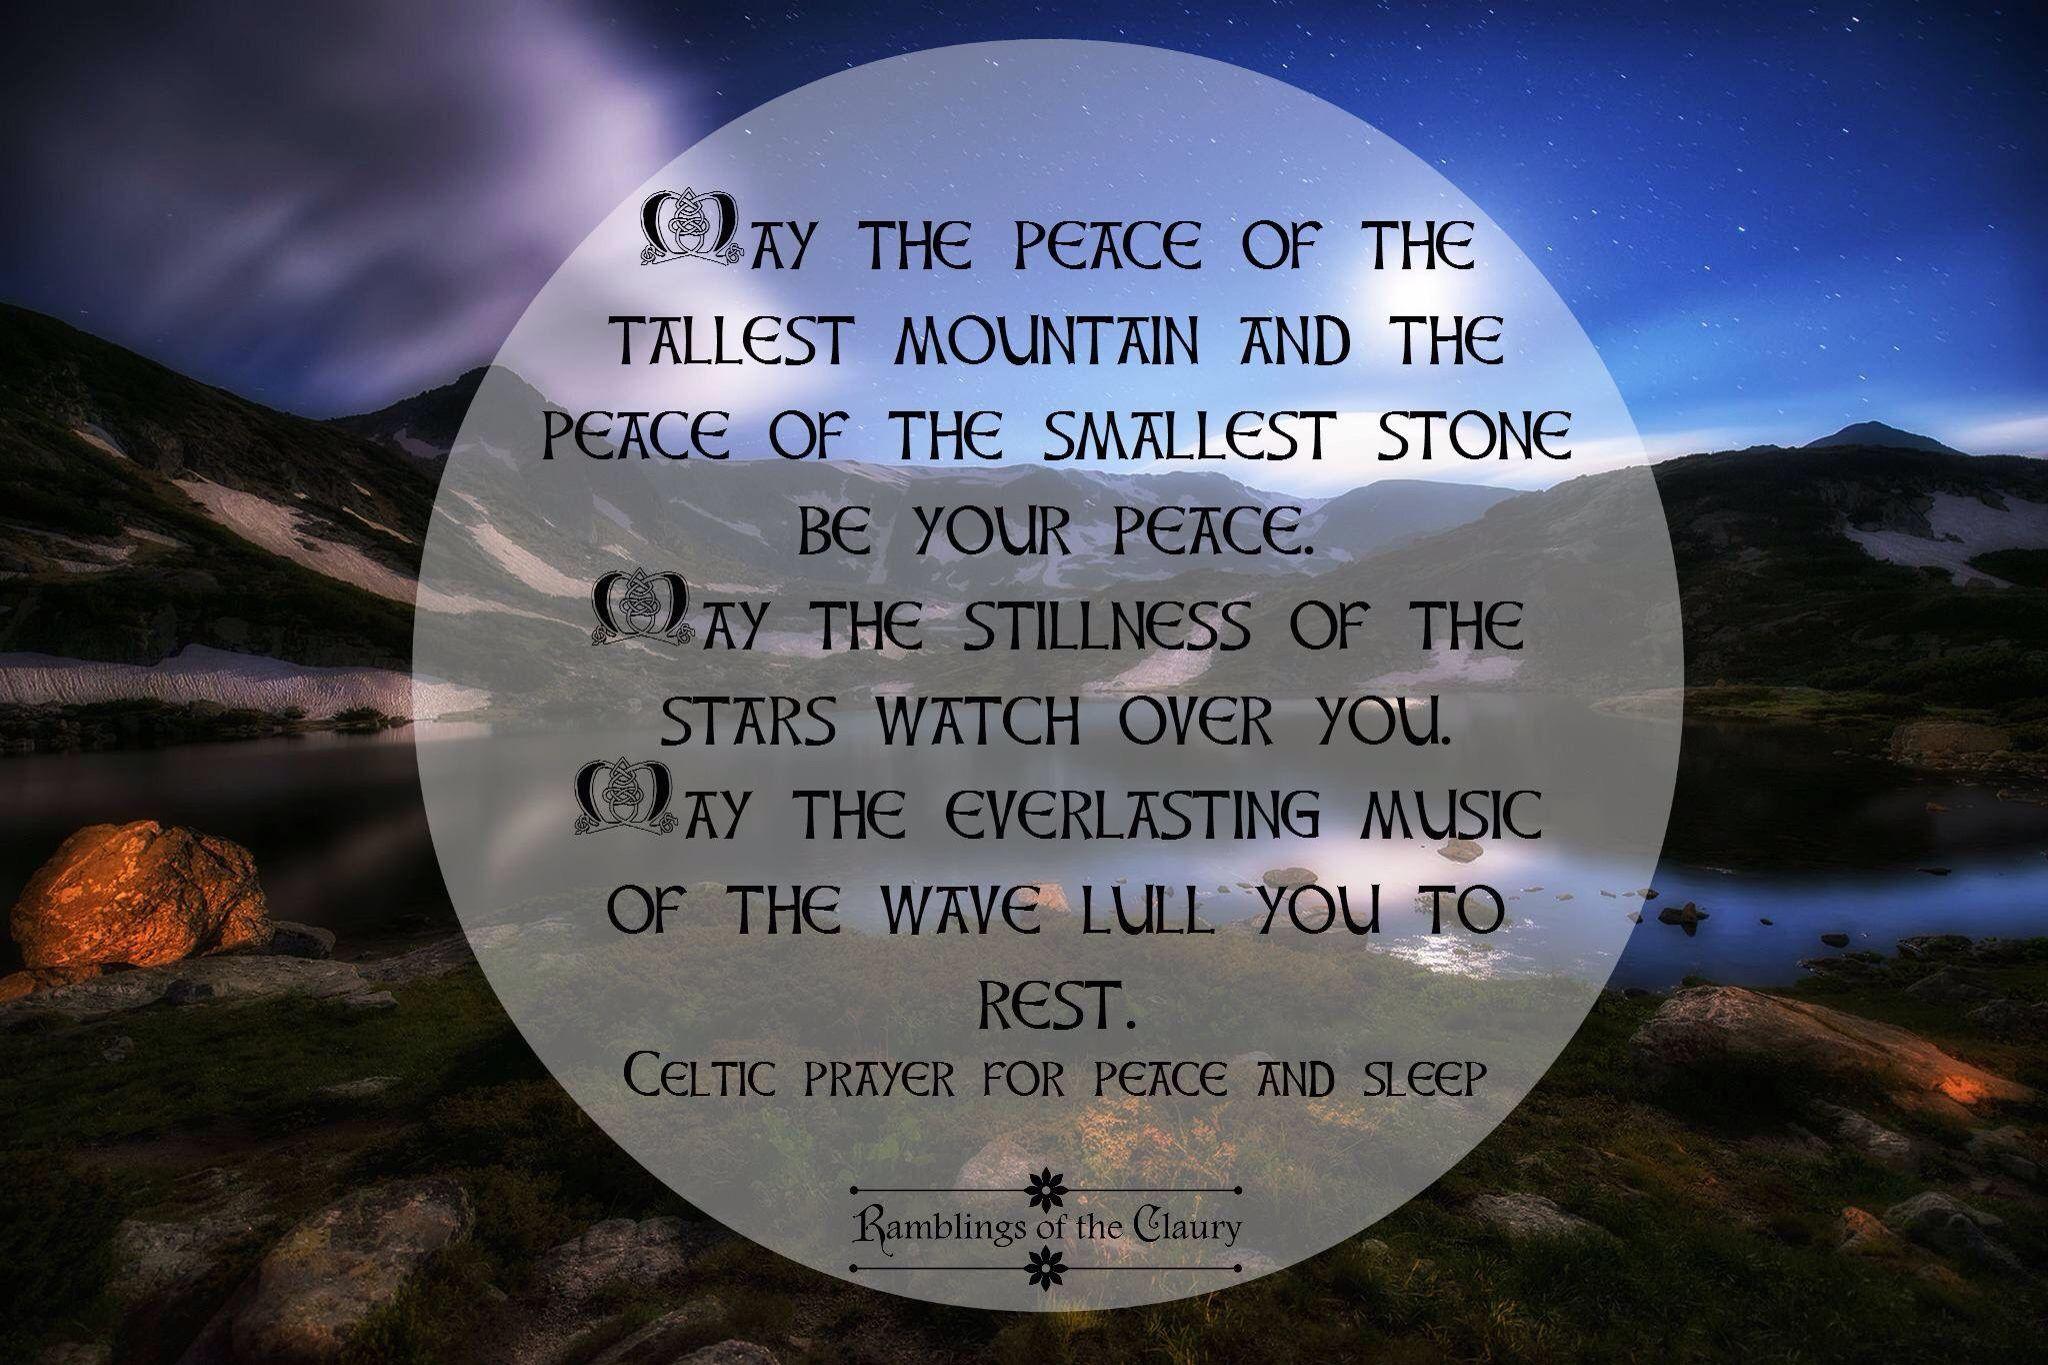 Rest and sleep Prayer for peace, Peace, Celtic prayer